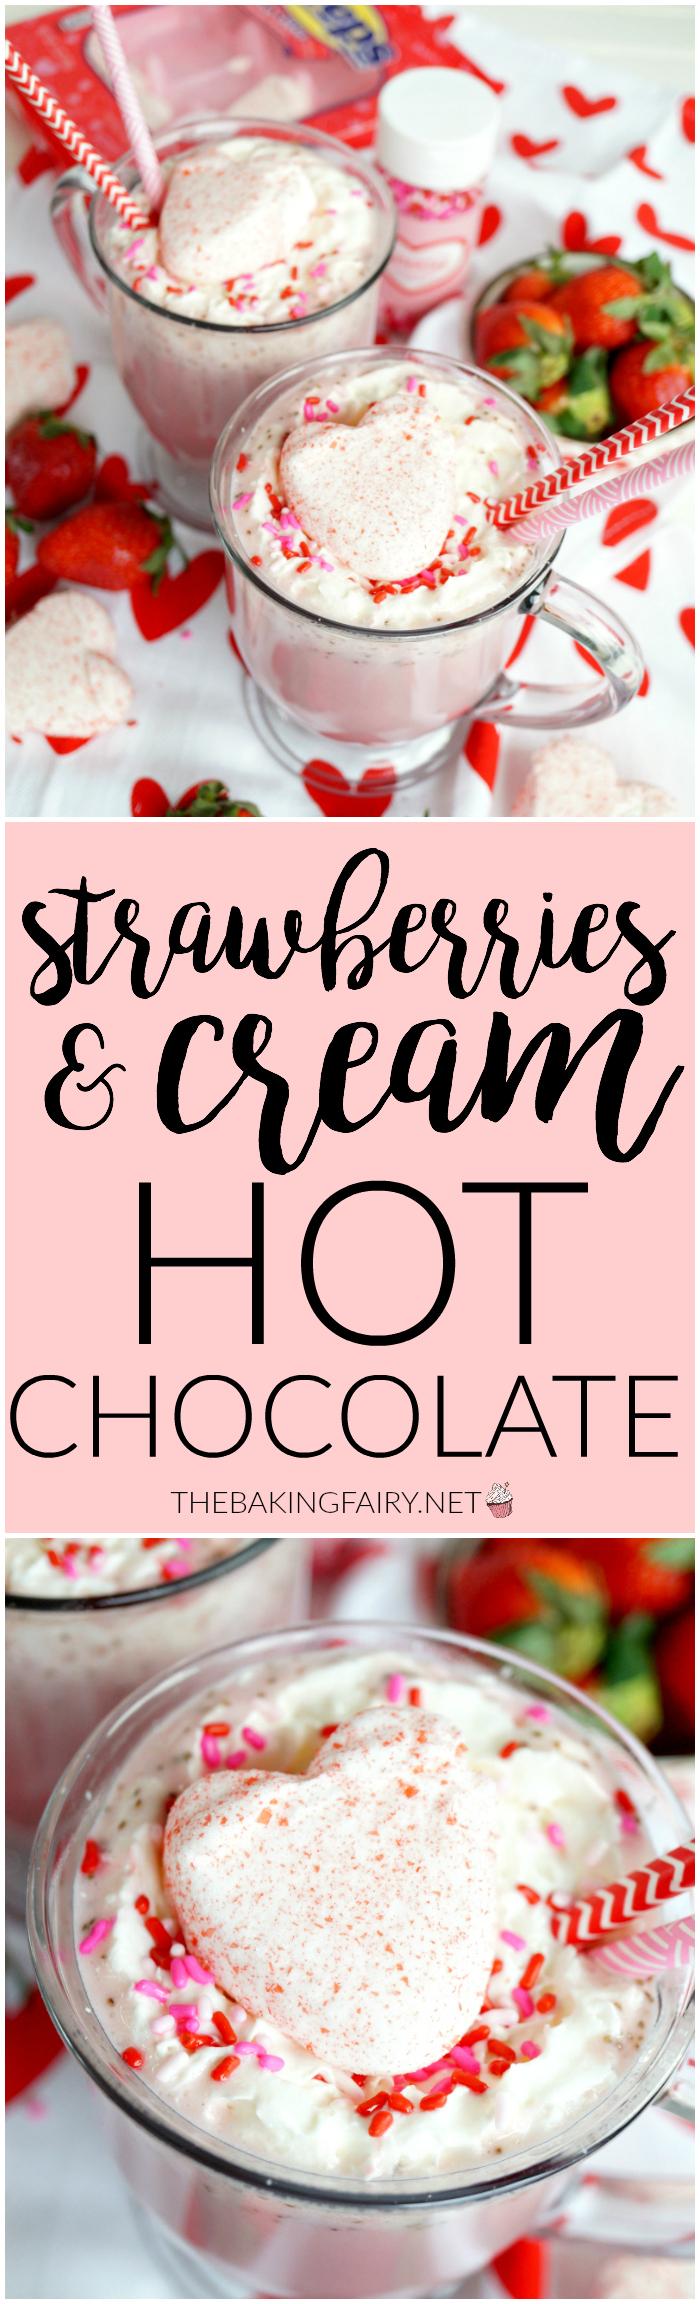 strawberries & cream hot chocolate | The Baking Fairy